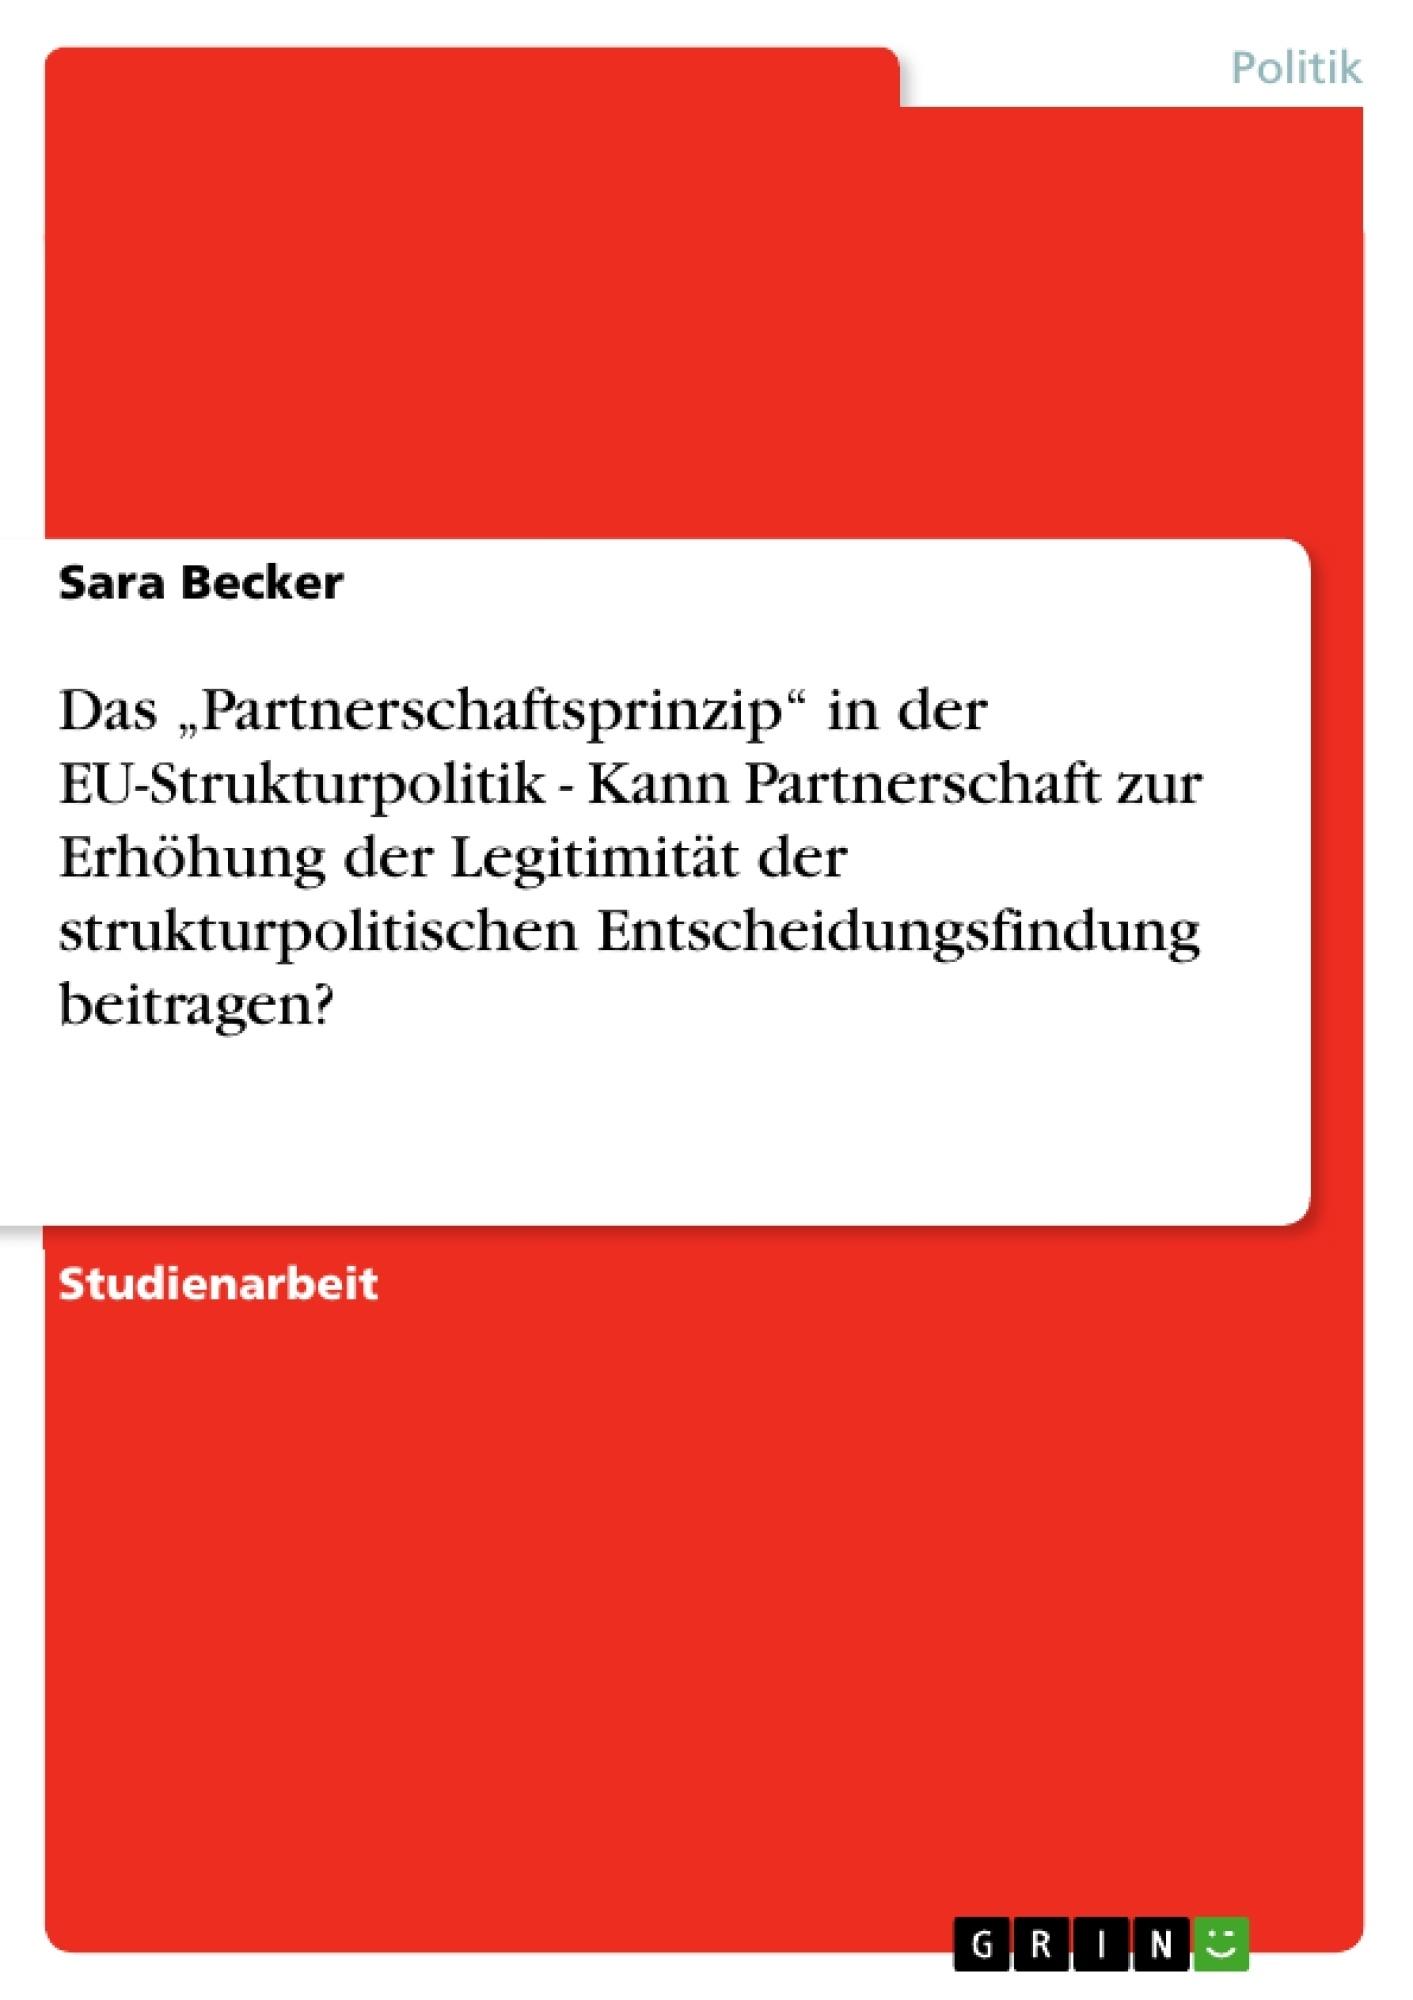 """Titel: Das """"Partnerschaftsprinzip"""" in der EU-Strukturpolitik - Kann Partnerschaft zur Erhöhung der Legitimität der strukturpolitischen Entscheidungsfindung beitragen?"""